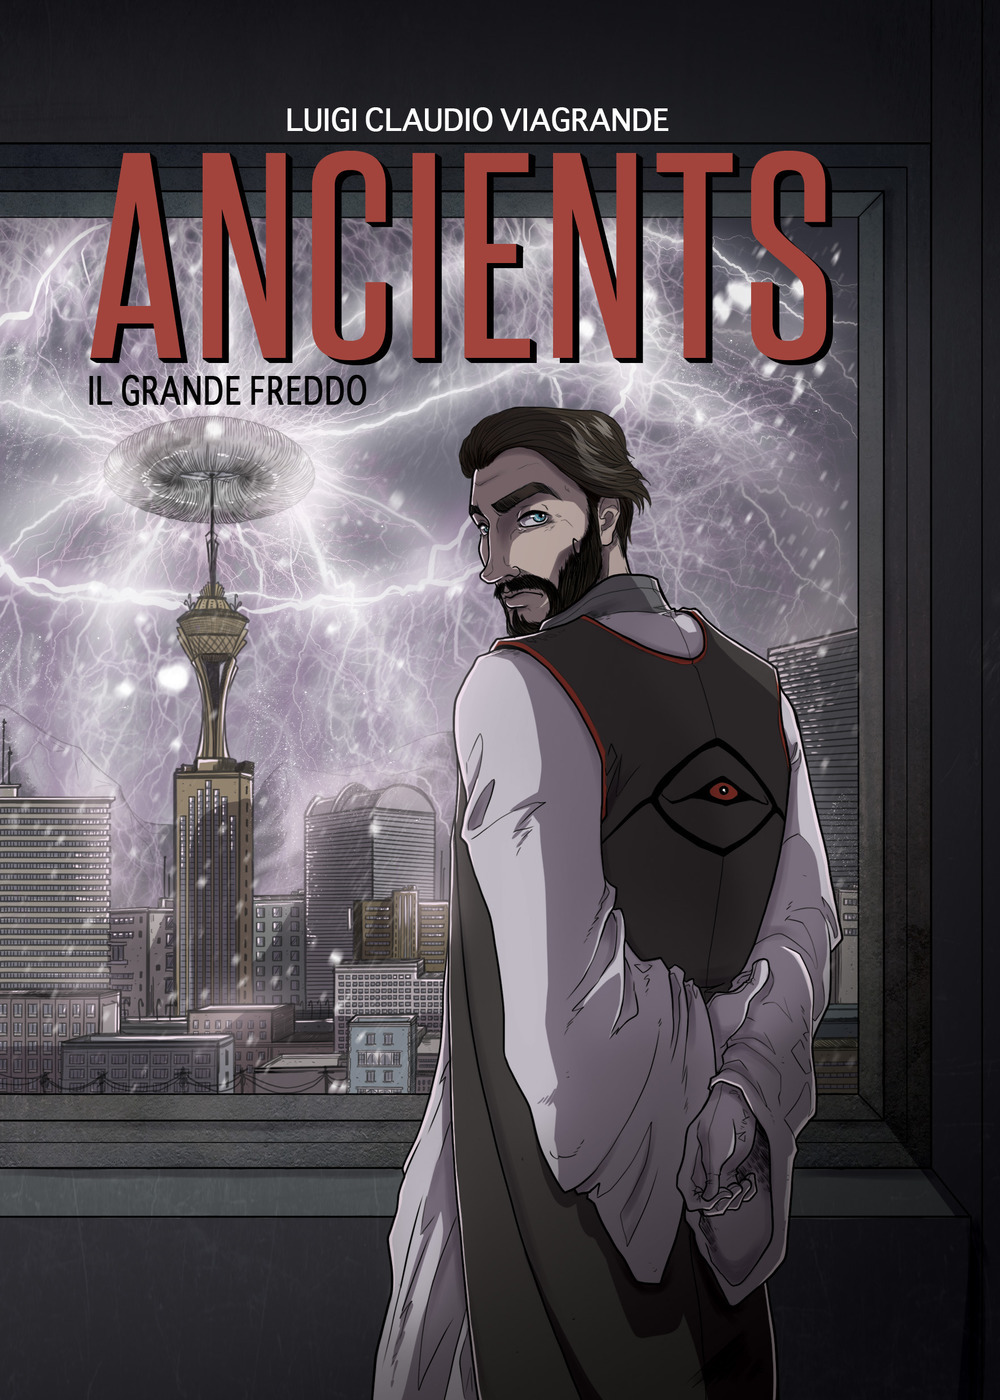 Ancients. Il grande freddo – Luigi Viagrande